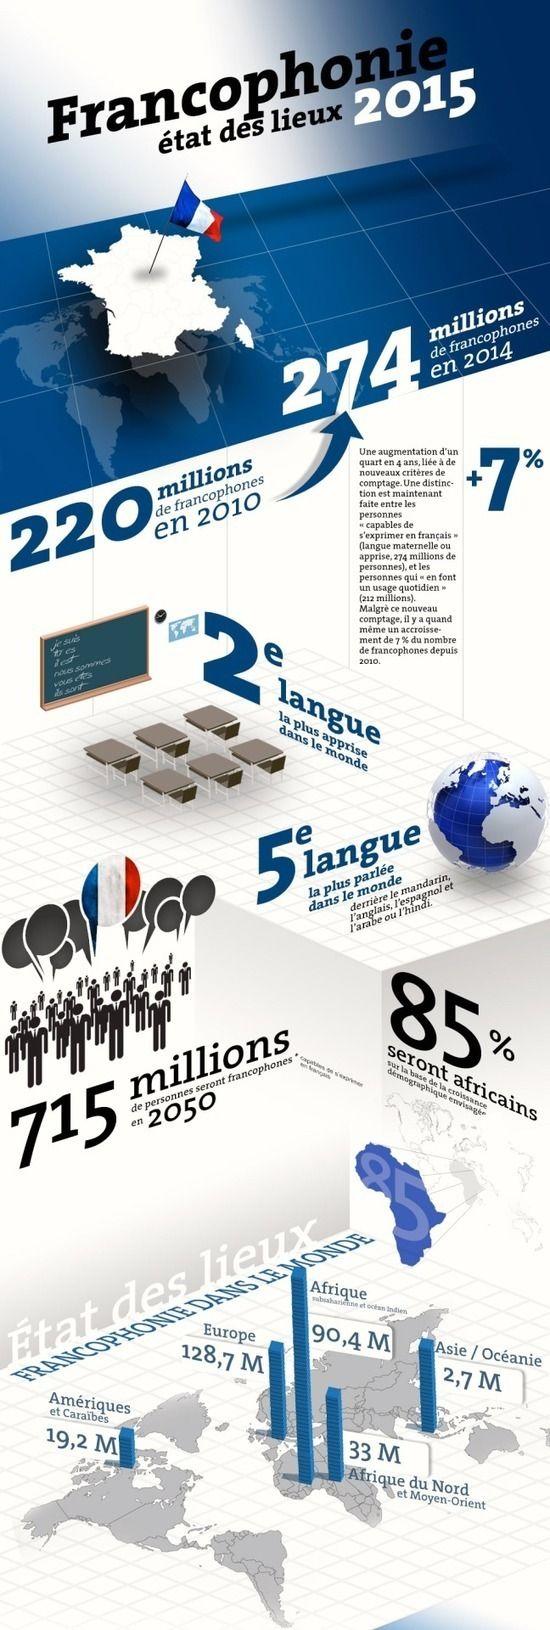 La francophonie, état des lieux 2015 (sources : la langue française dans le monde, OIF 2014) (French language, statistics)